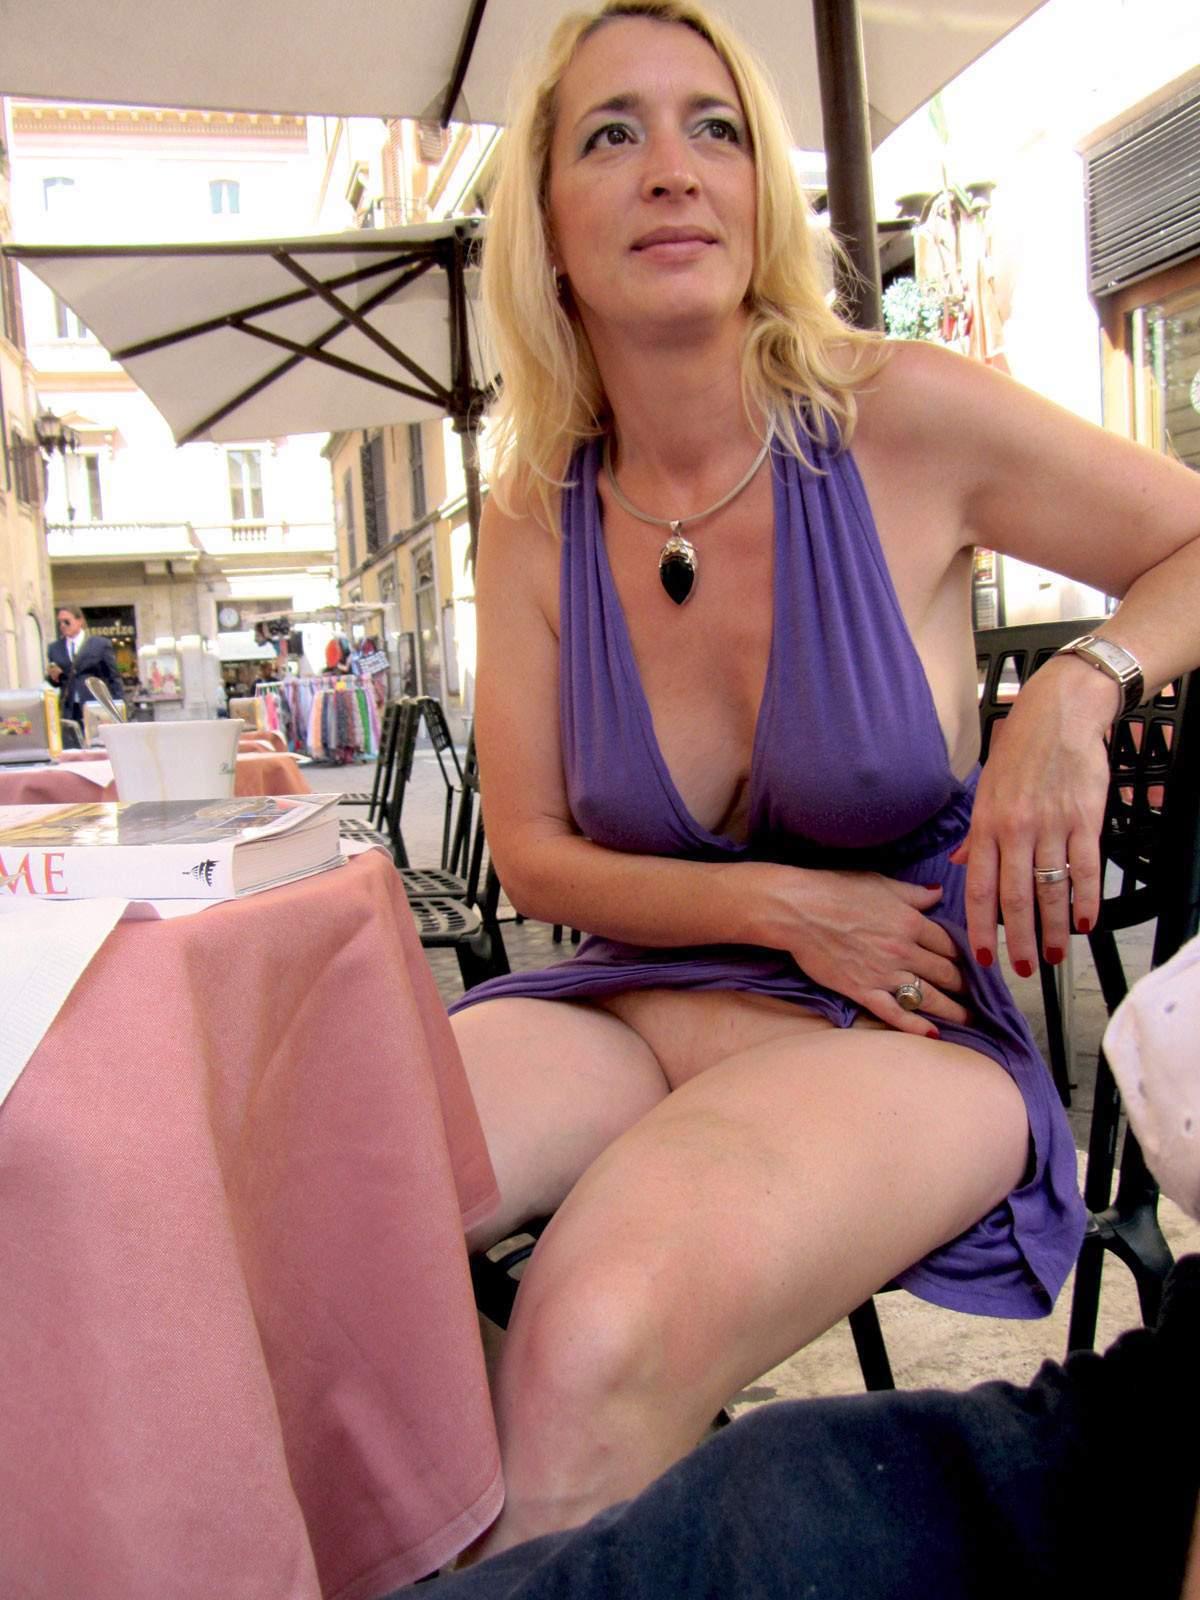 http://img24.rajce.idnes.cz/d2402/13/13133/13133717_9c6391c5702f90347cd7f2ea12218ba5/images/111.jpg